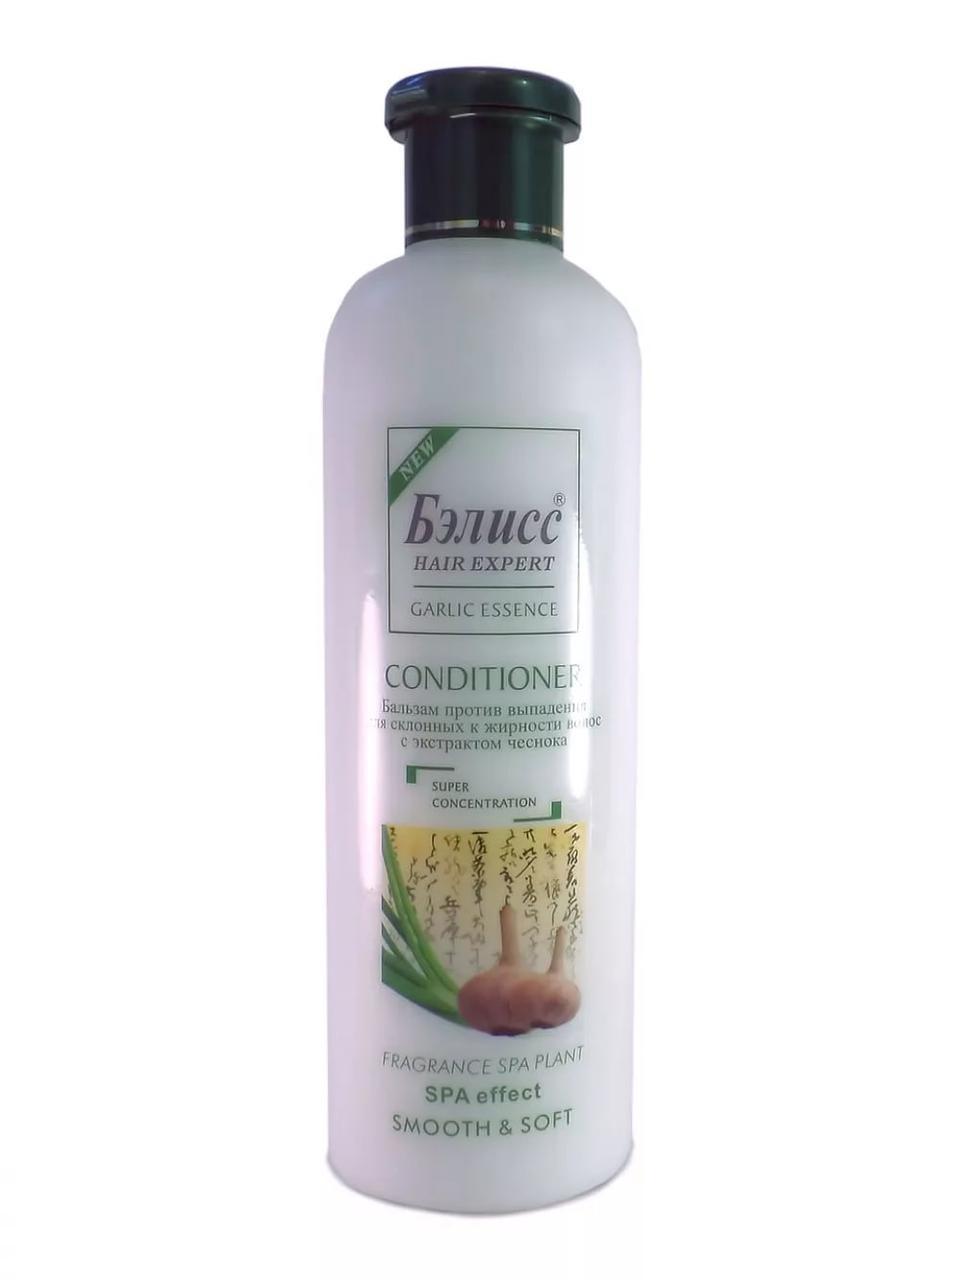 Бэлисс - Бальзам против выпадения для склонных к жирности волос с экстрактом чеснока